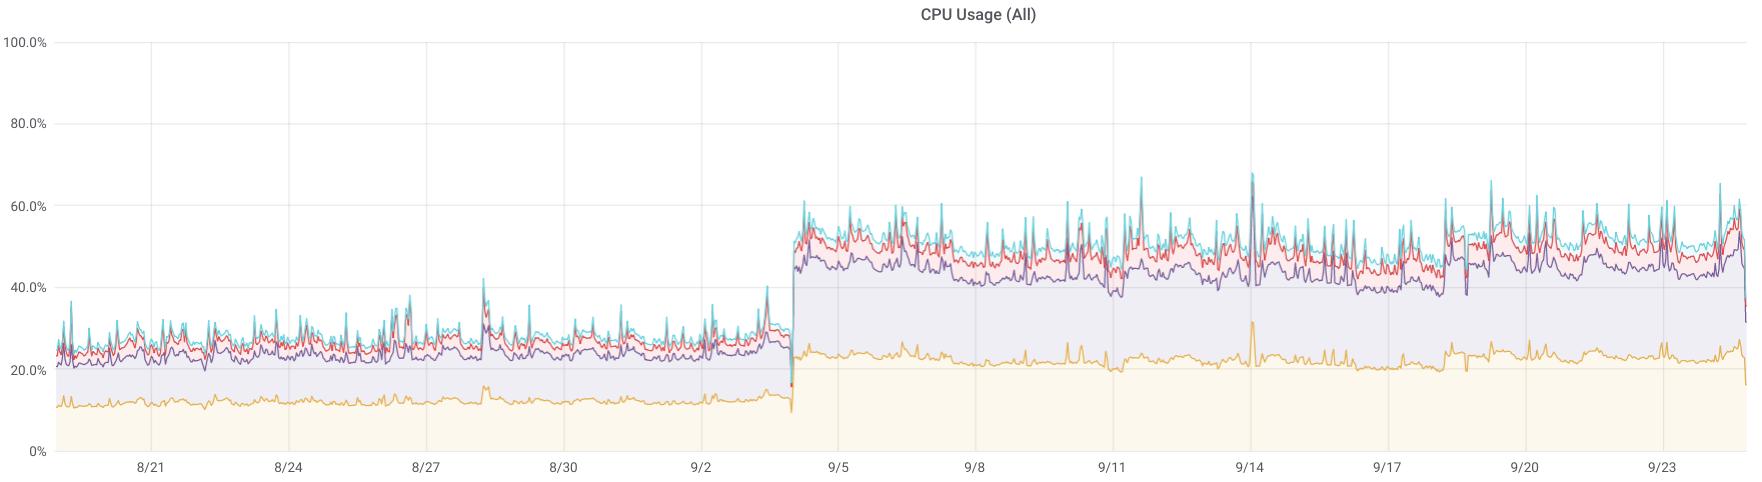 Anstieg der CPU-Auslastung auf einem Server nach dem Ausschalten von Hyperthreading